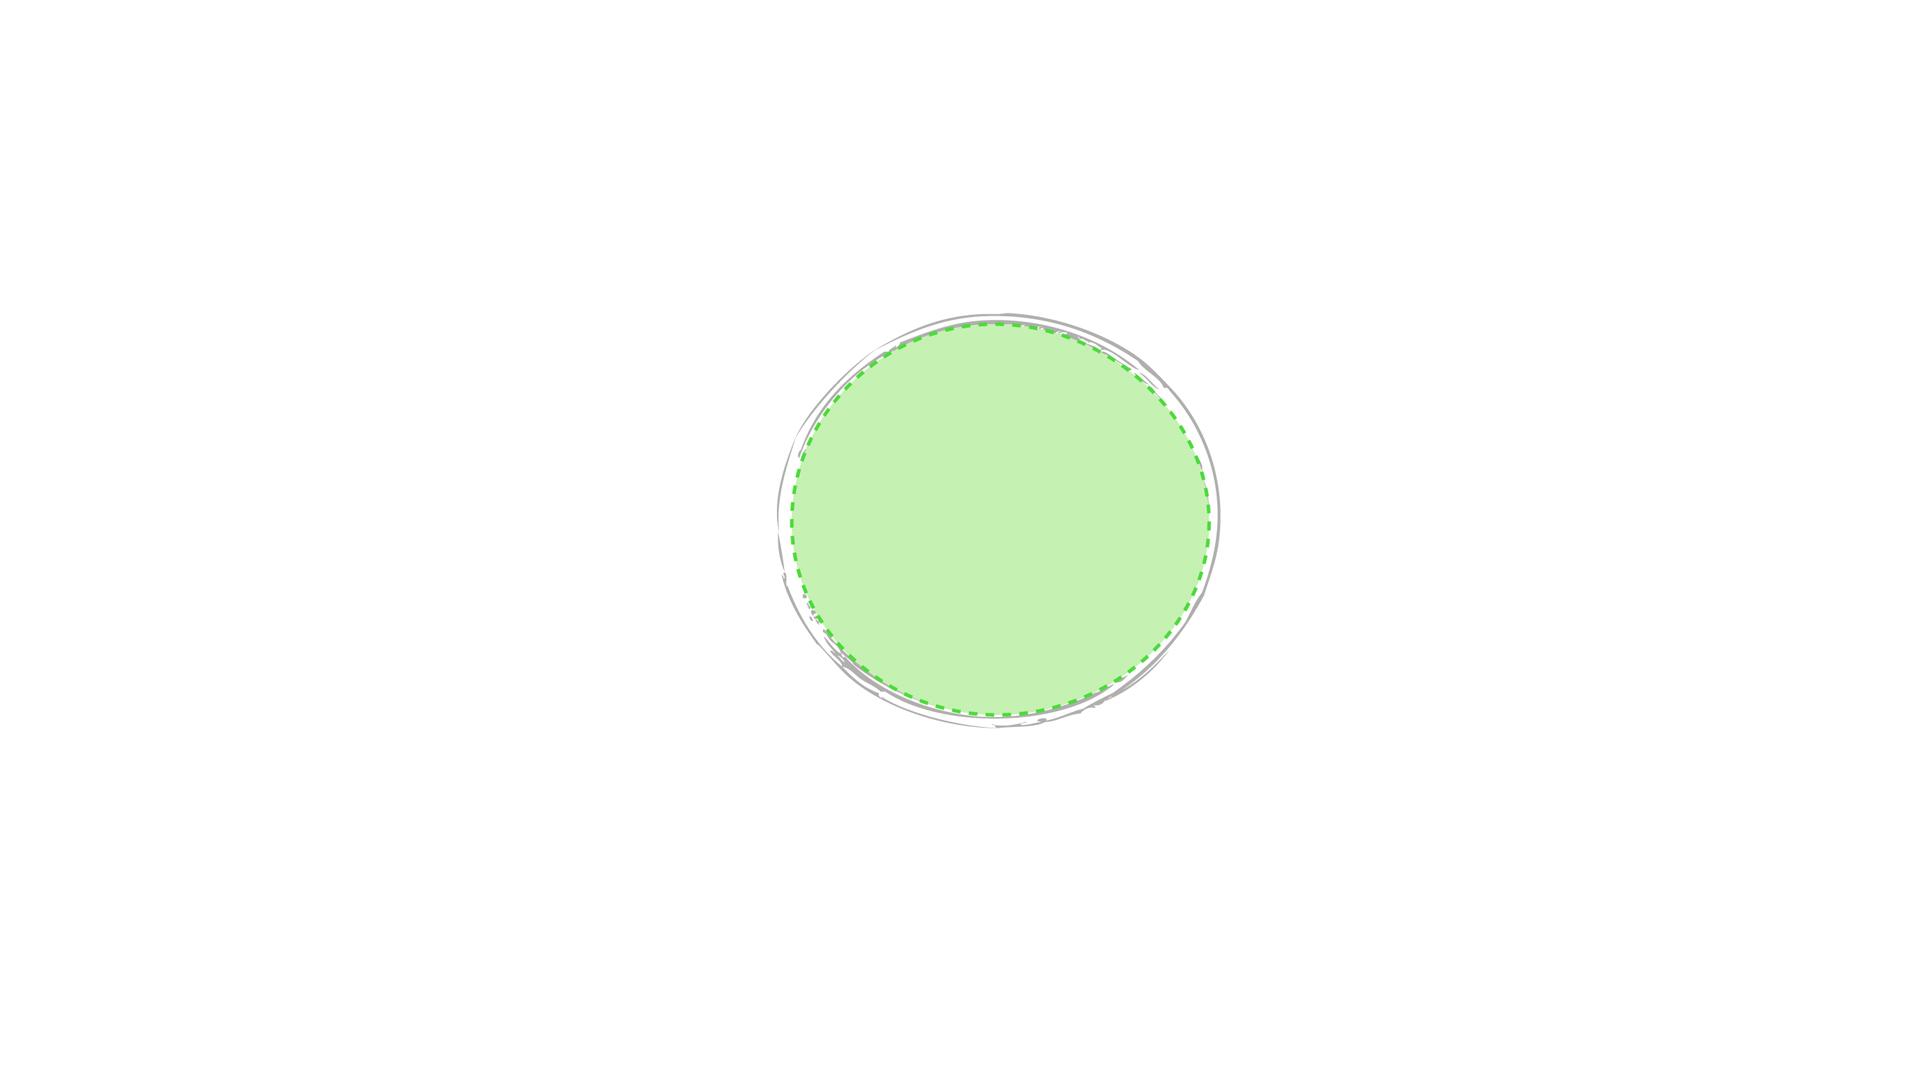 En el pin circular